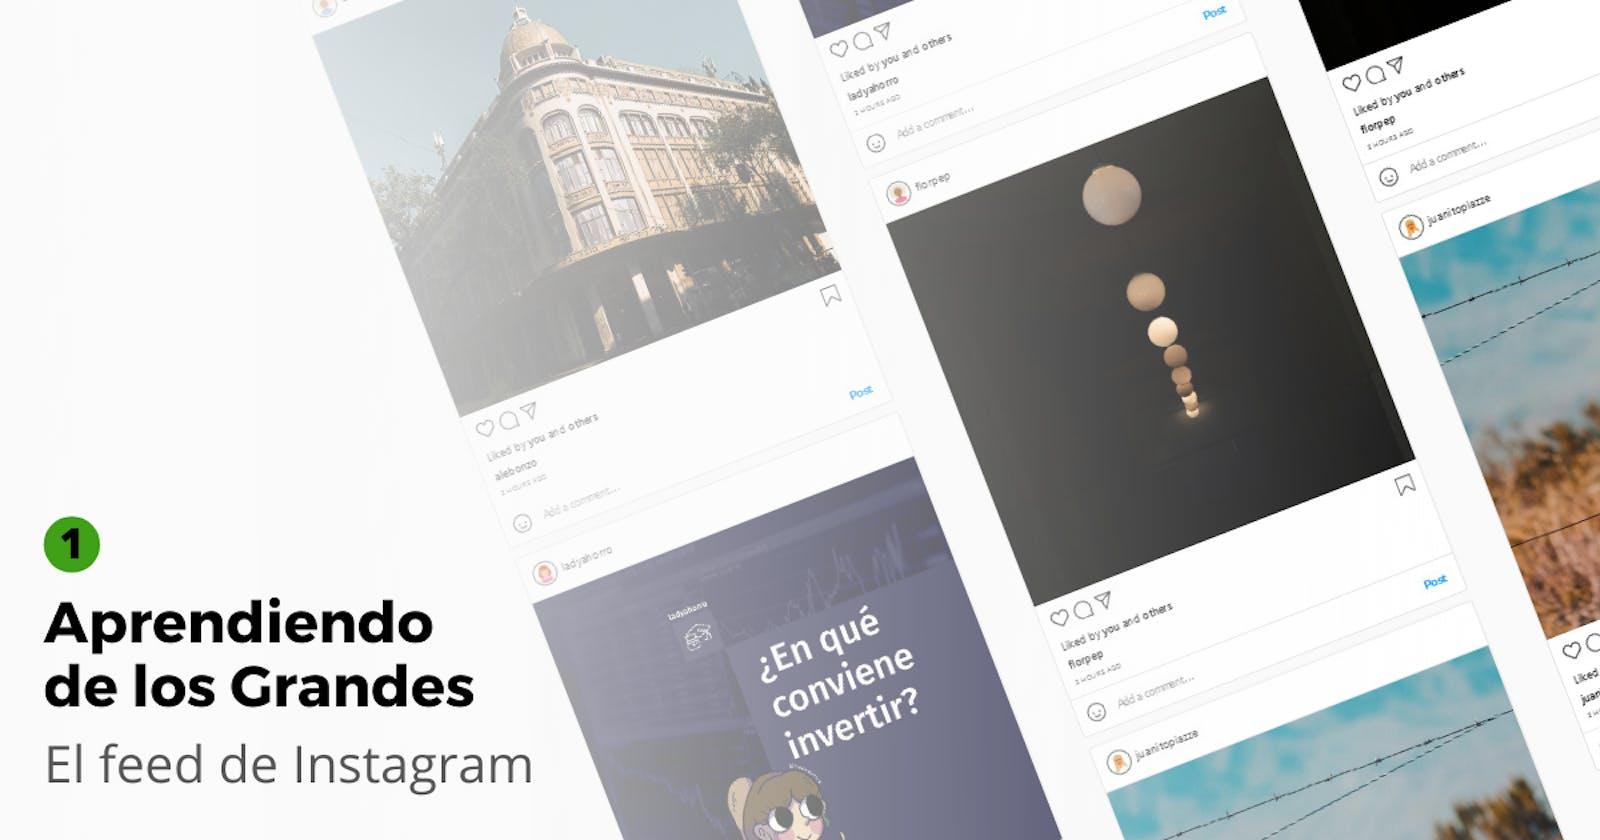 Aprendiendo de los Grandes: El feed de Instagram